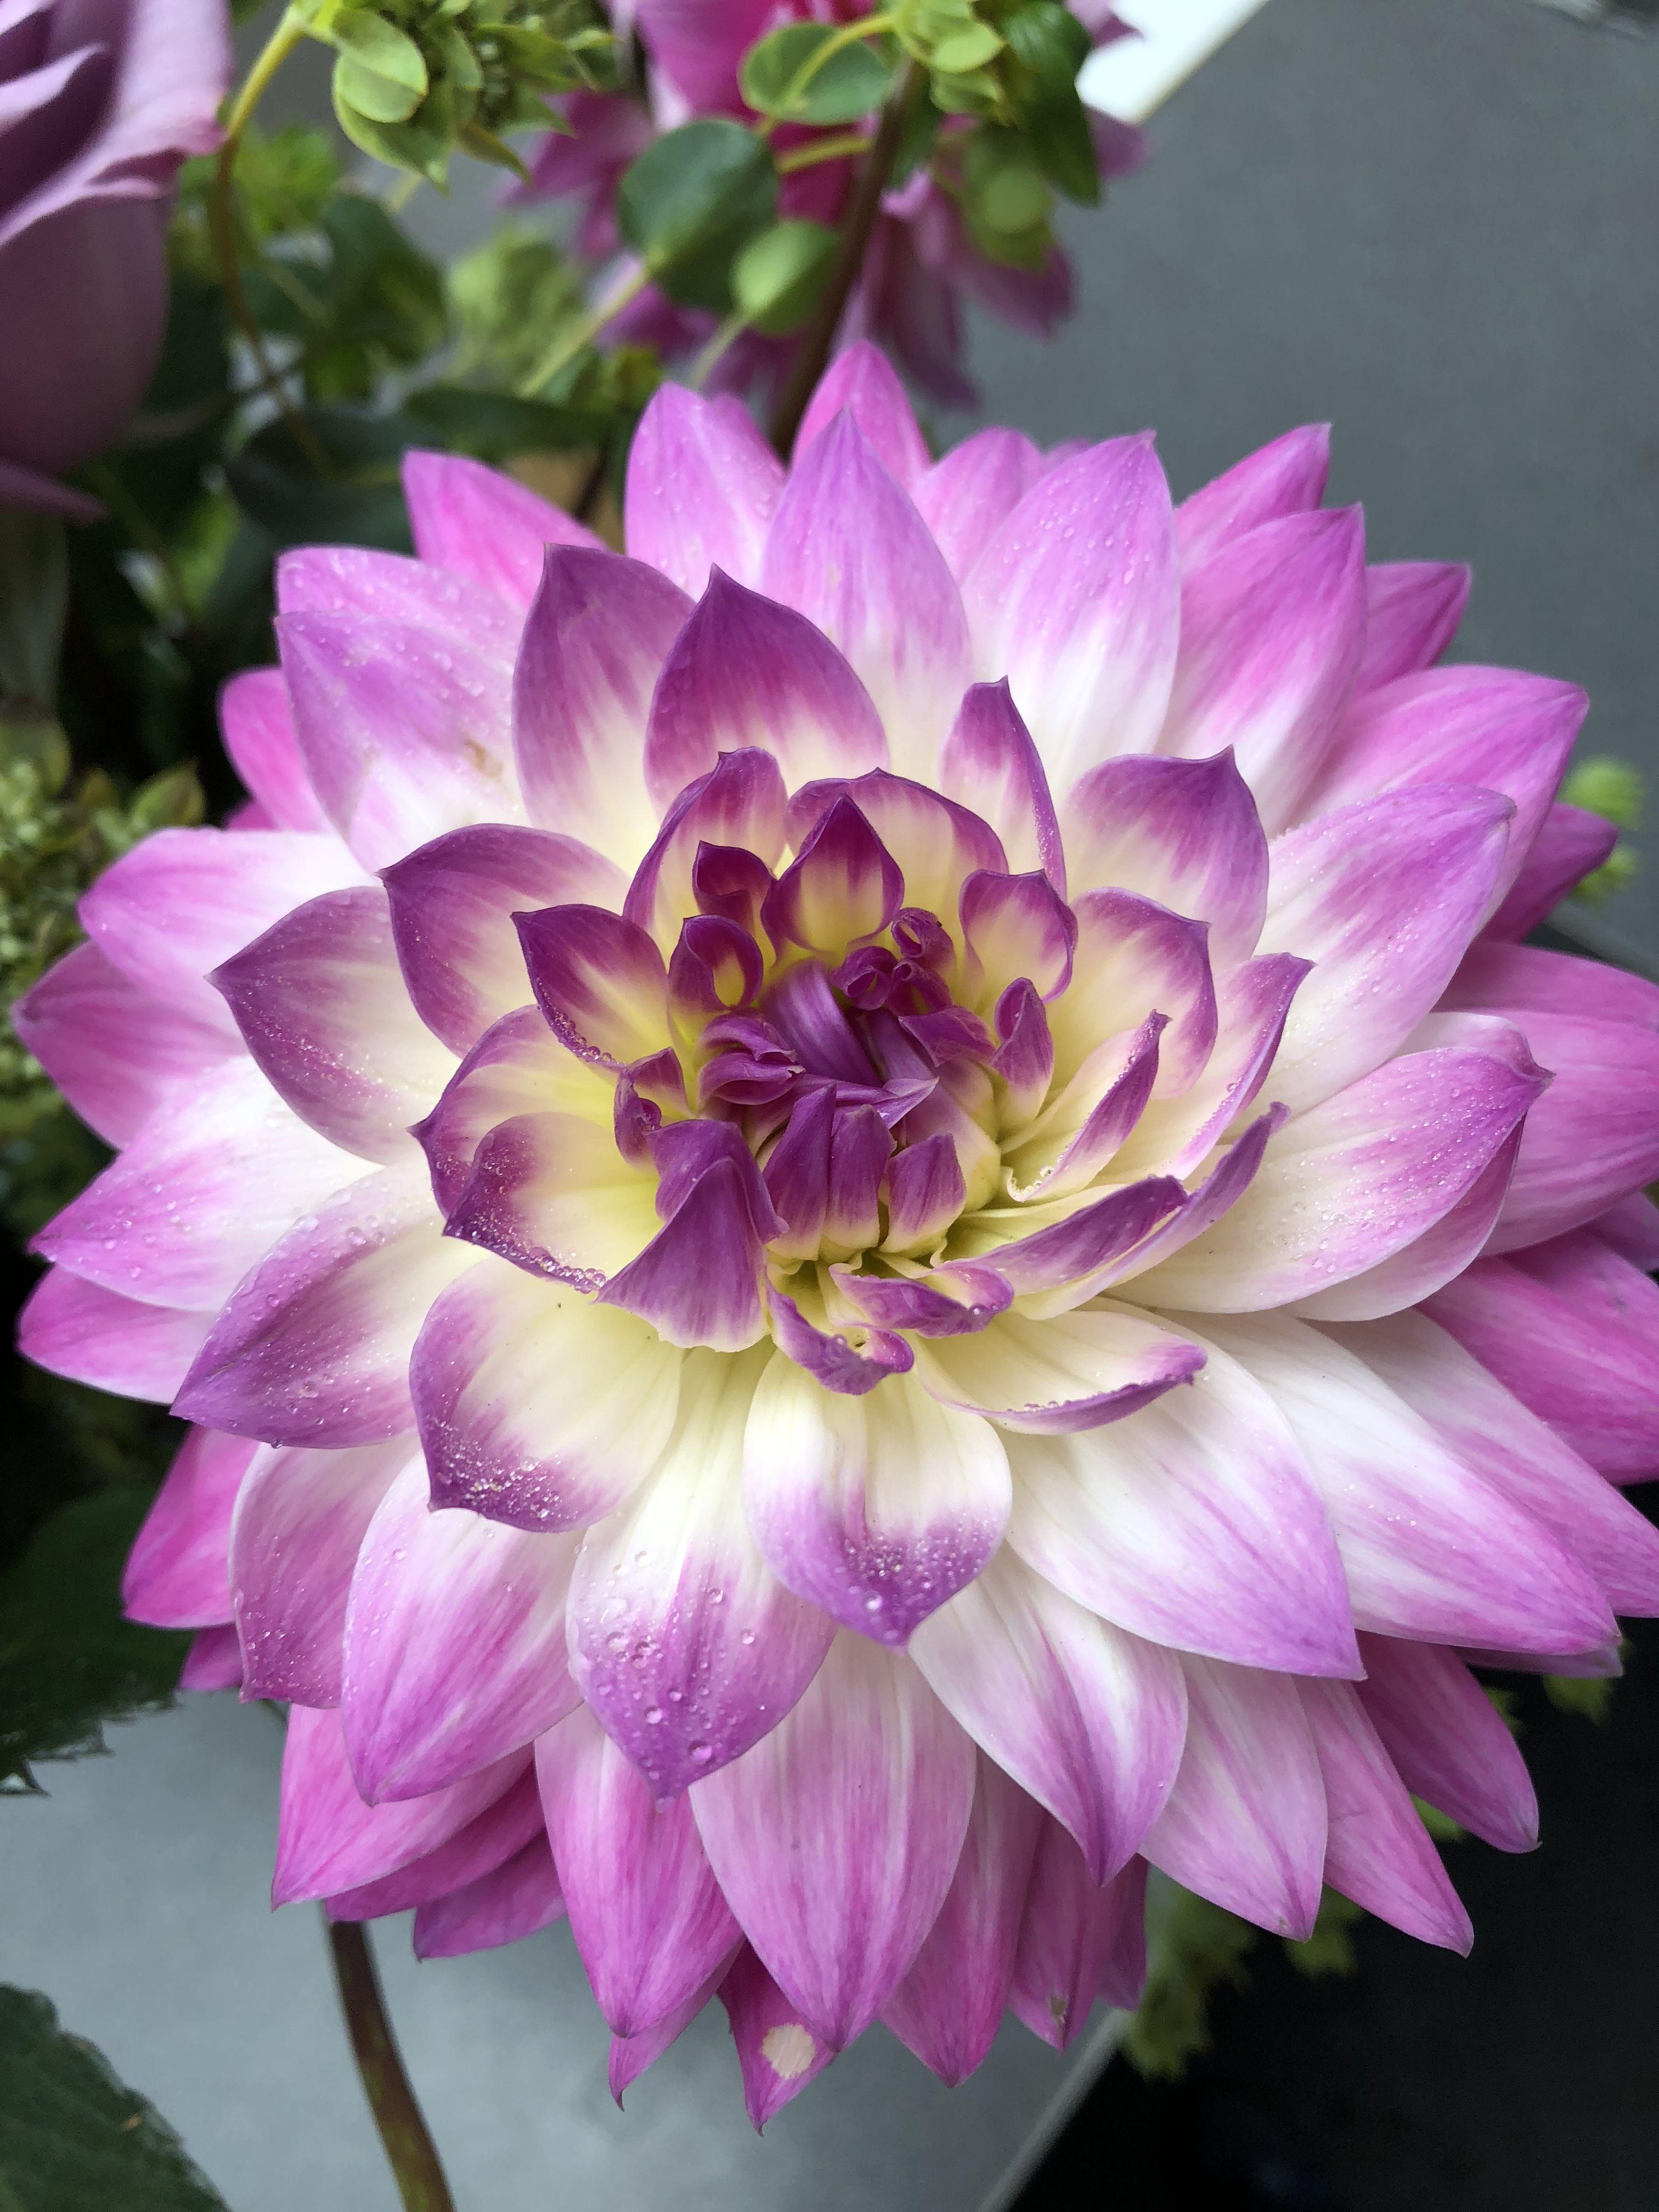 Dahlia flower market beautiful flowers flowers